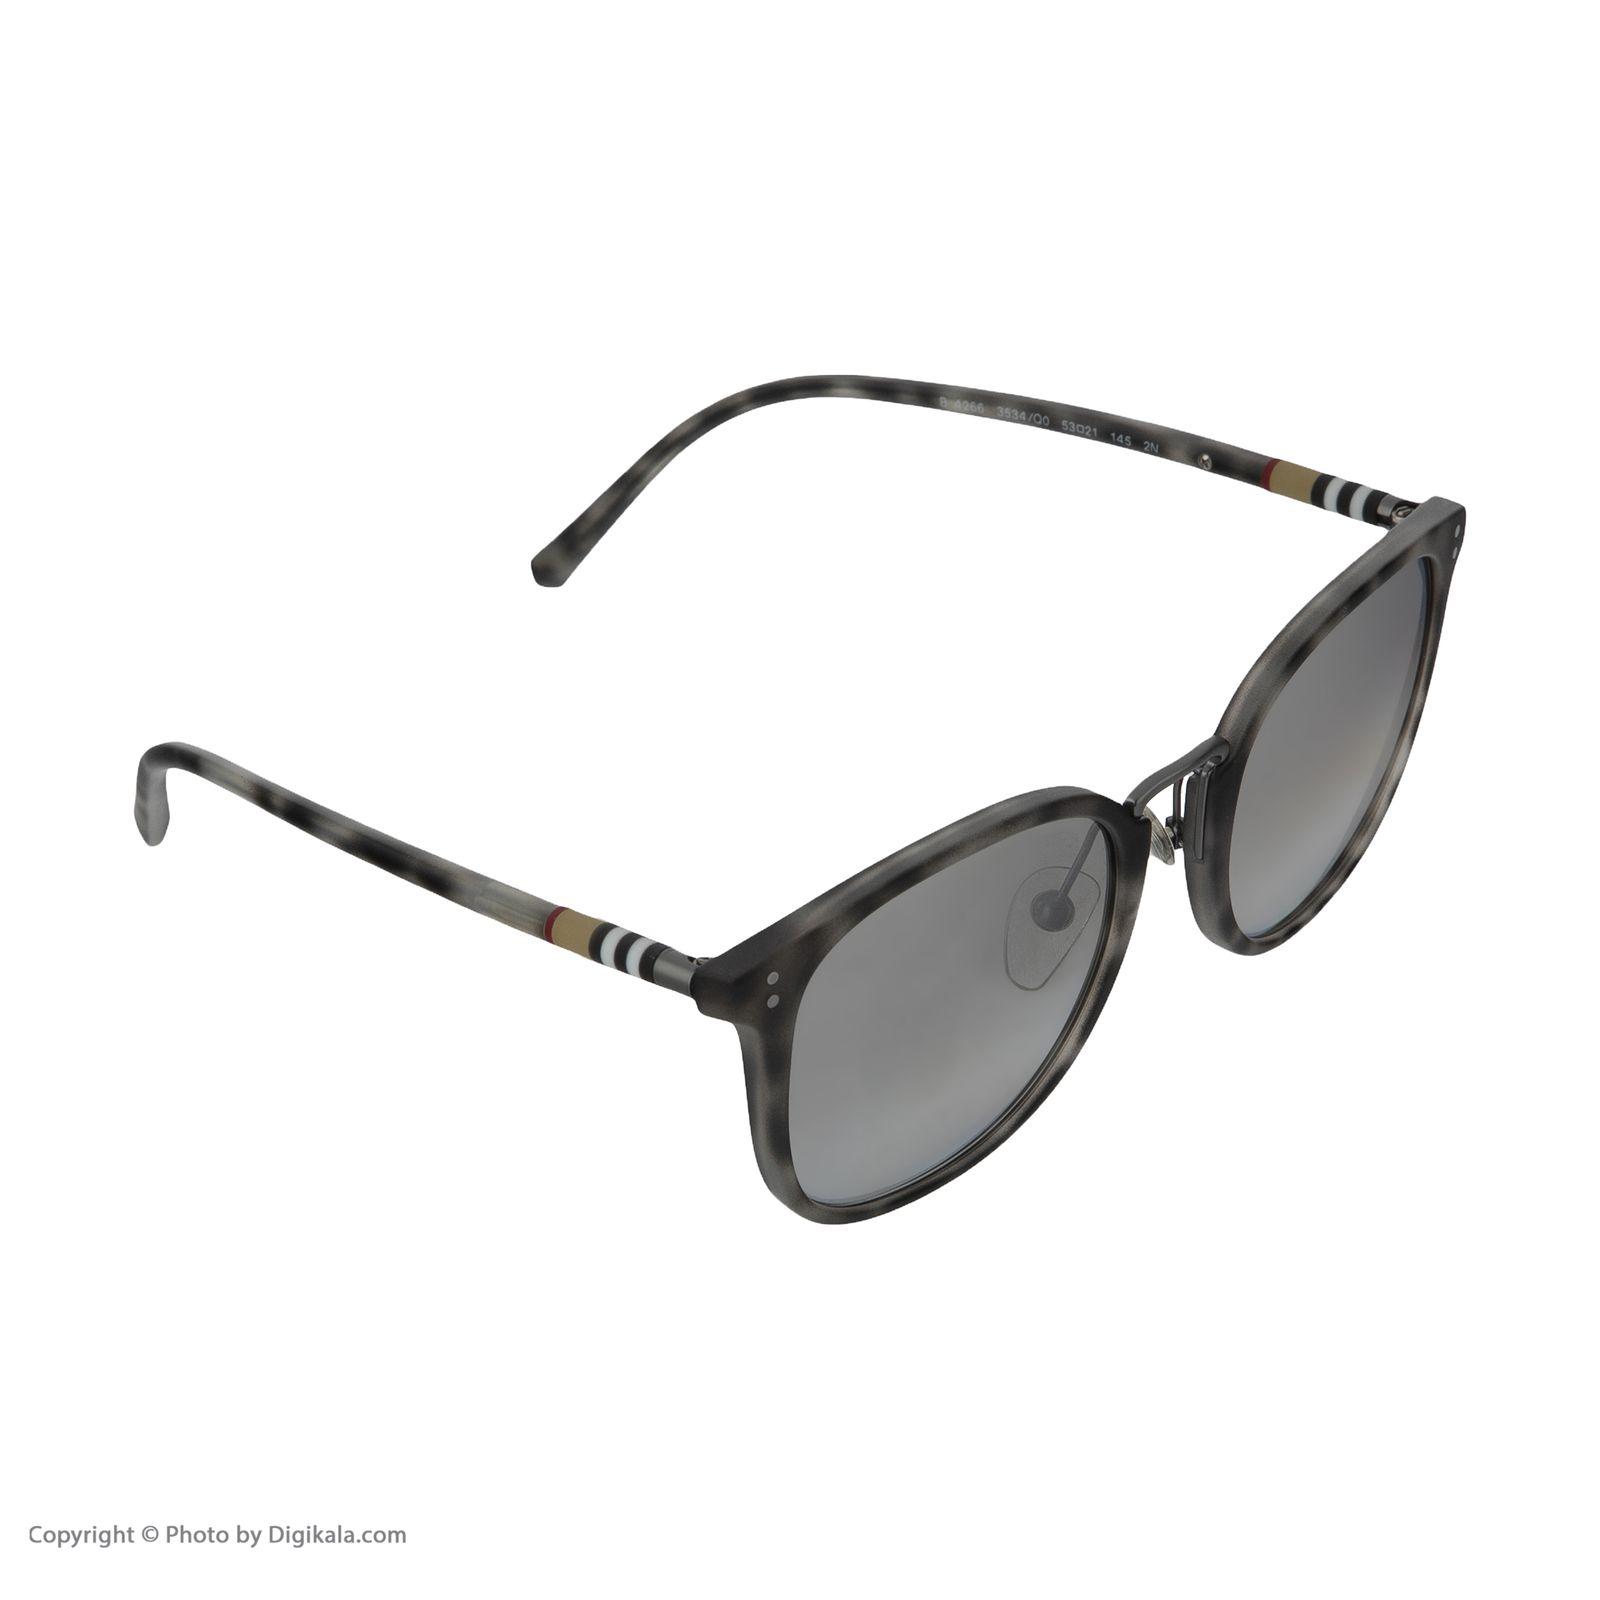 عینک آفتابی زنانه بربری مدل BE 4266S 3534Q0 53 -  - 6